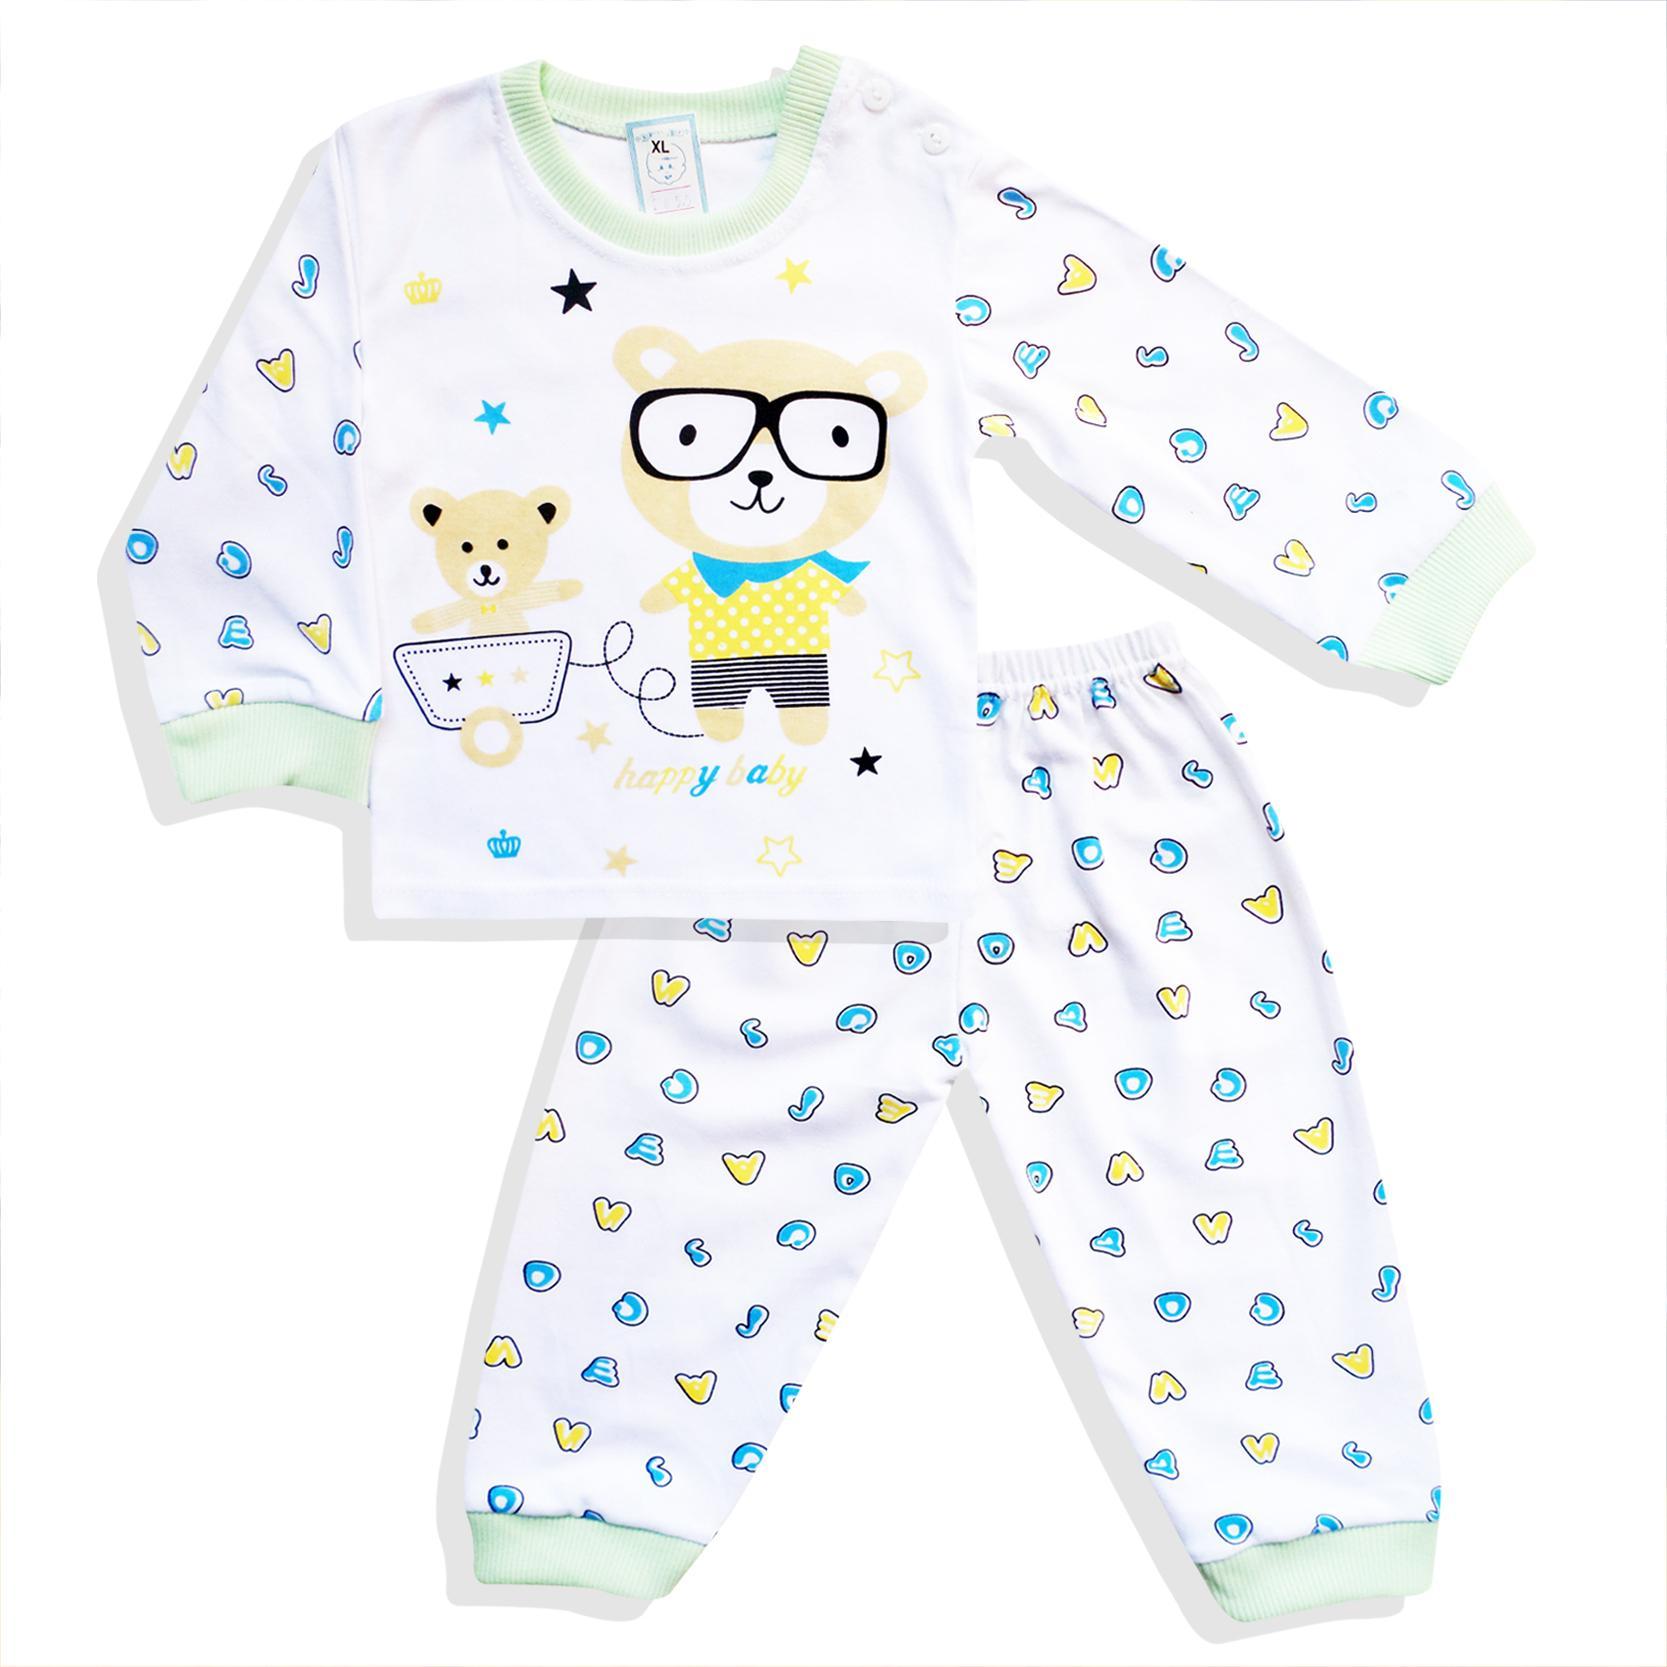 Skabe Baby Putih Piyama Anak Setelan Baju Tidur Tangan Panjang Anak Bayi Laki Laki 2655